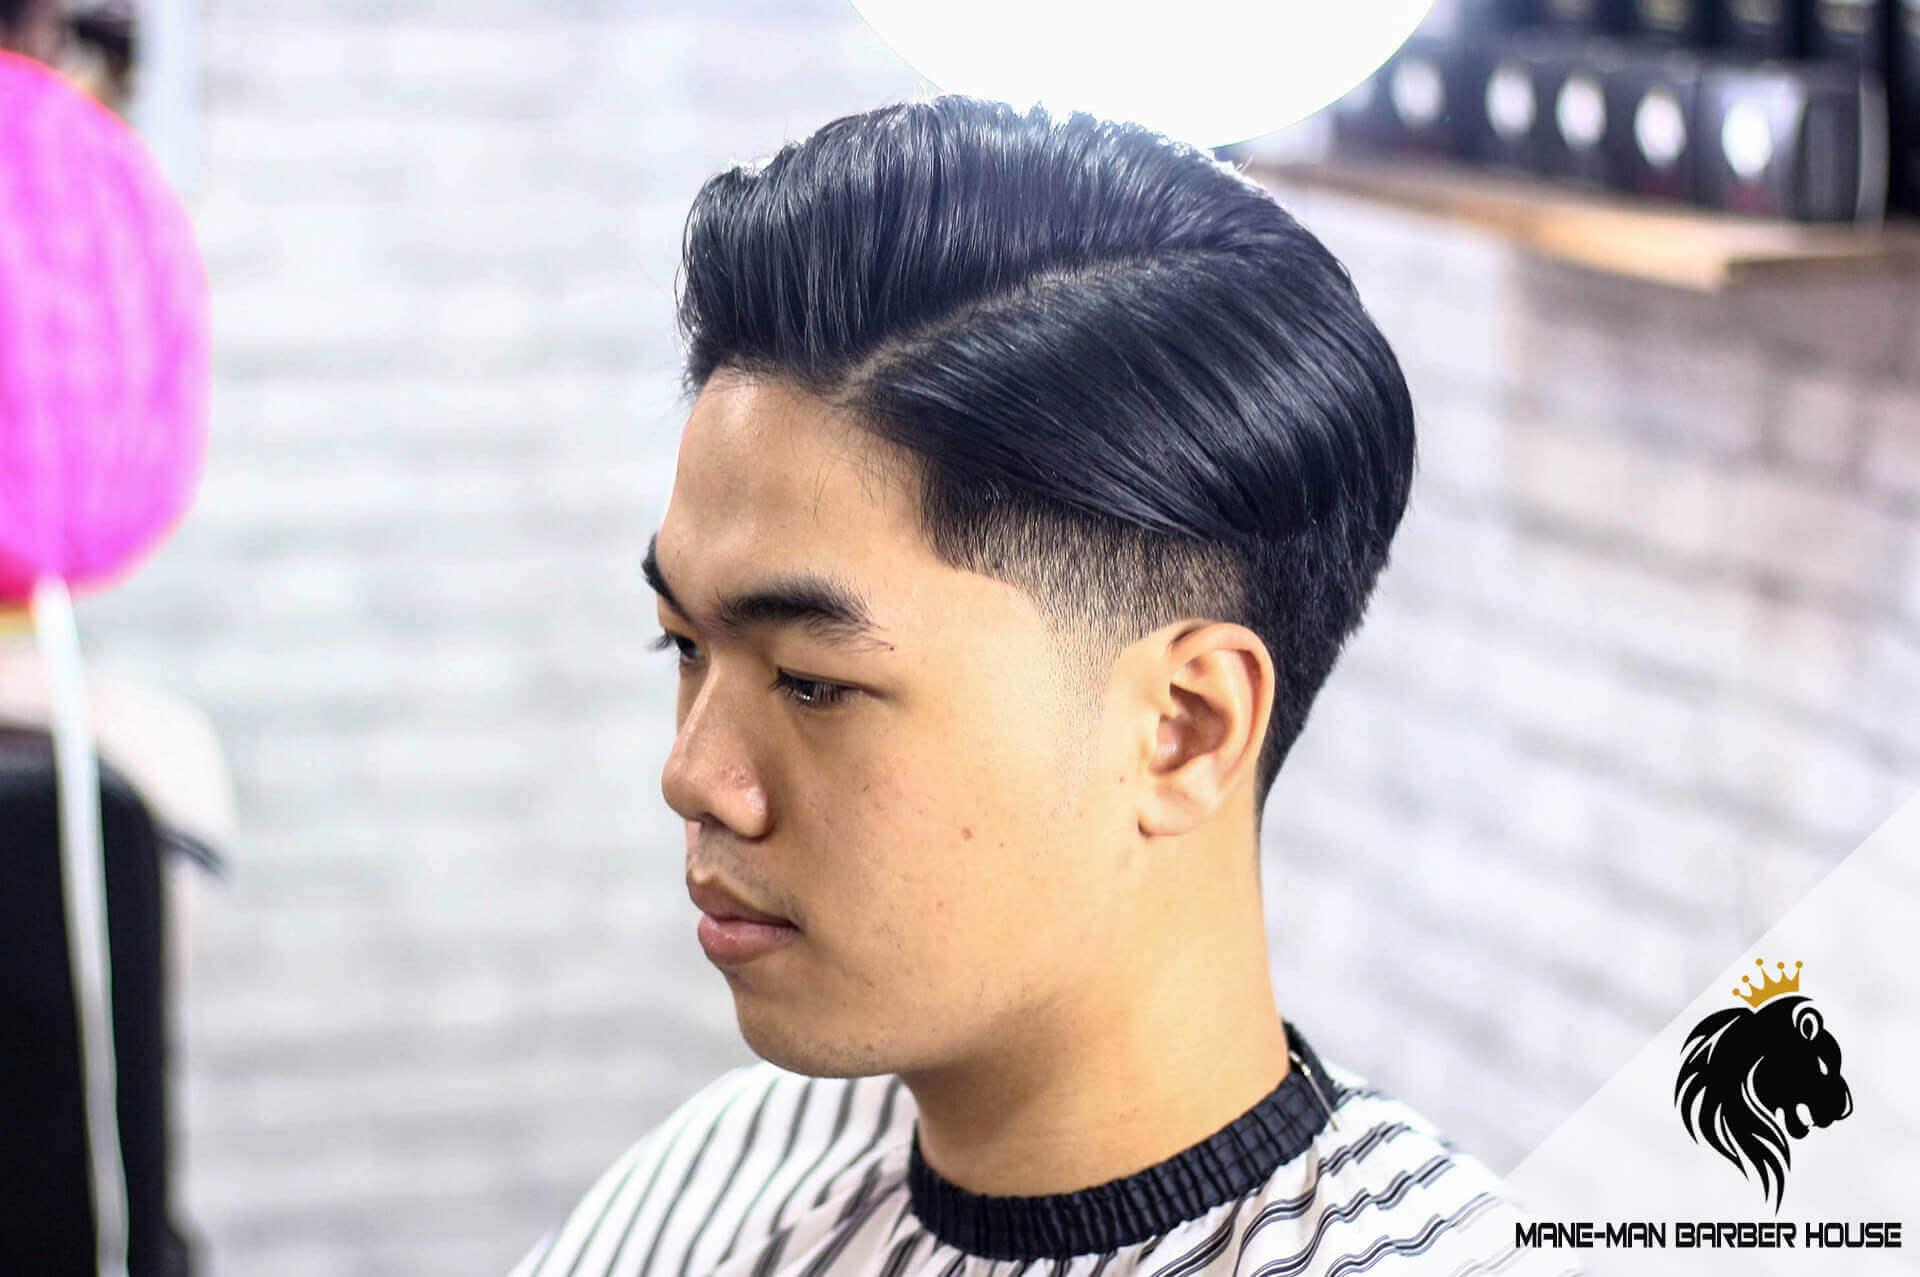 Kiểu tóc Side part dài